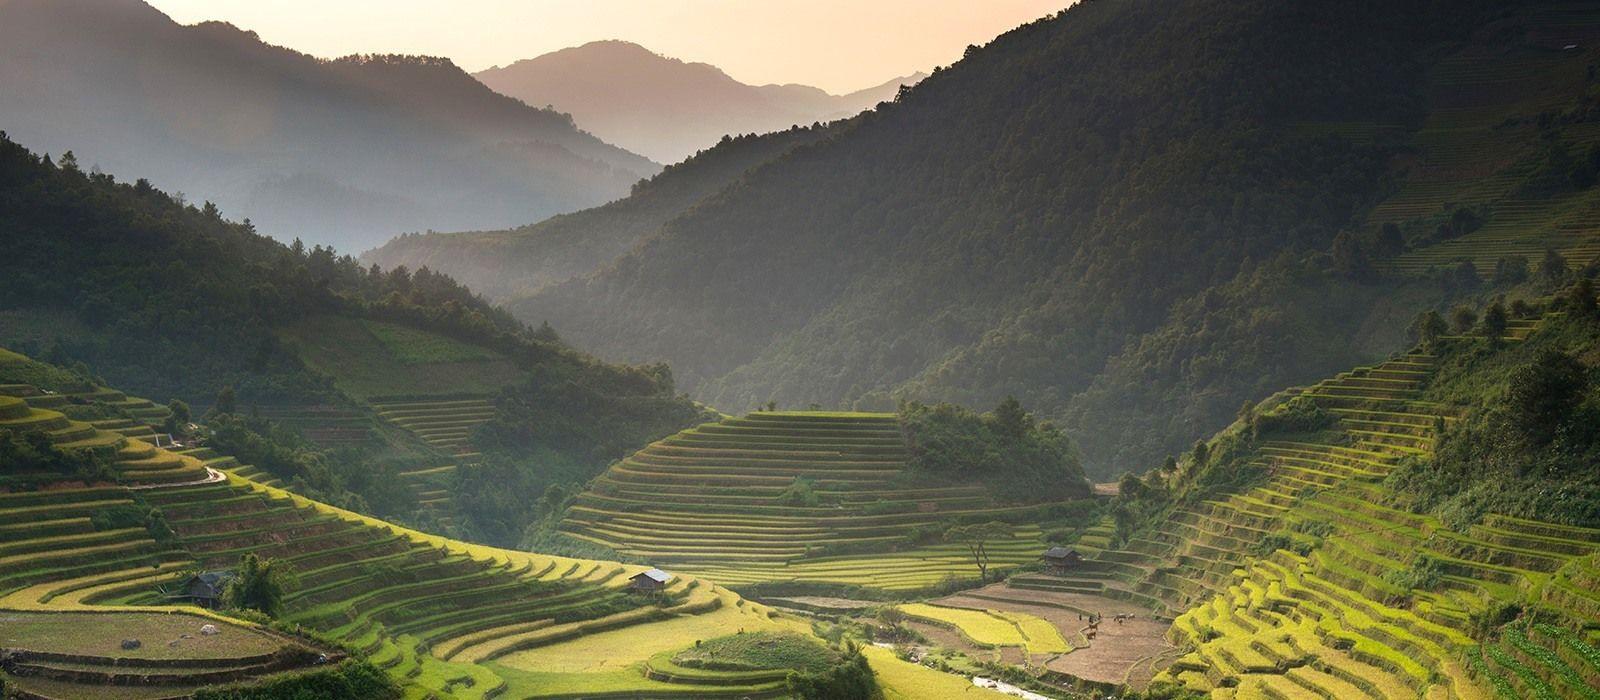 Staunen, shoppen und sonnen in Thailand Urlaub 2